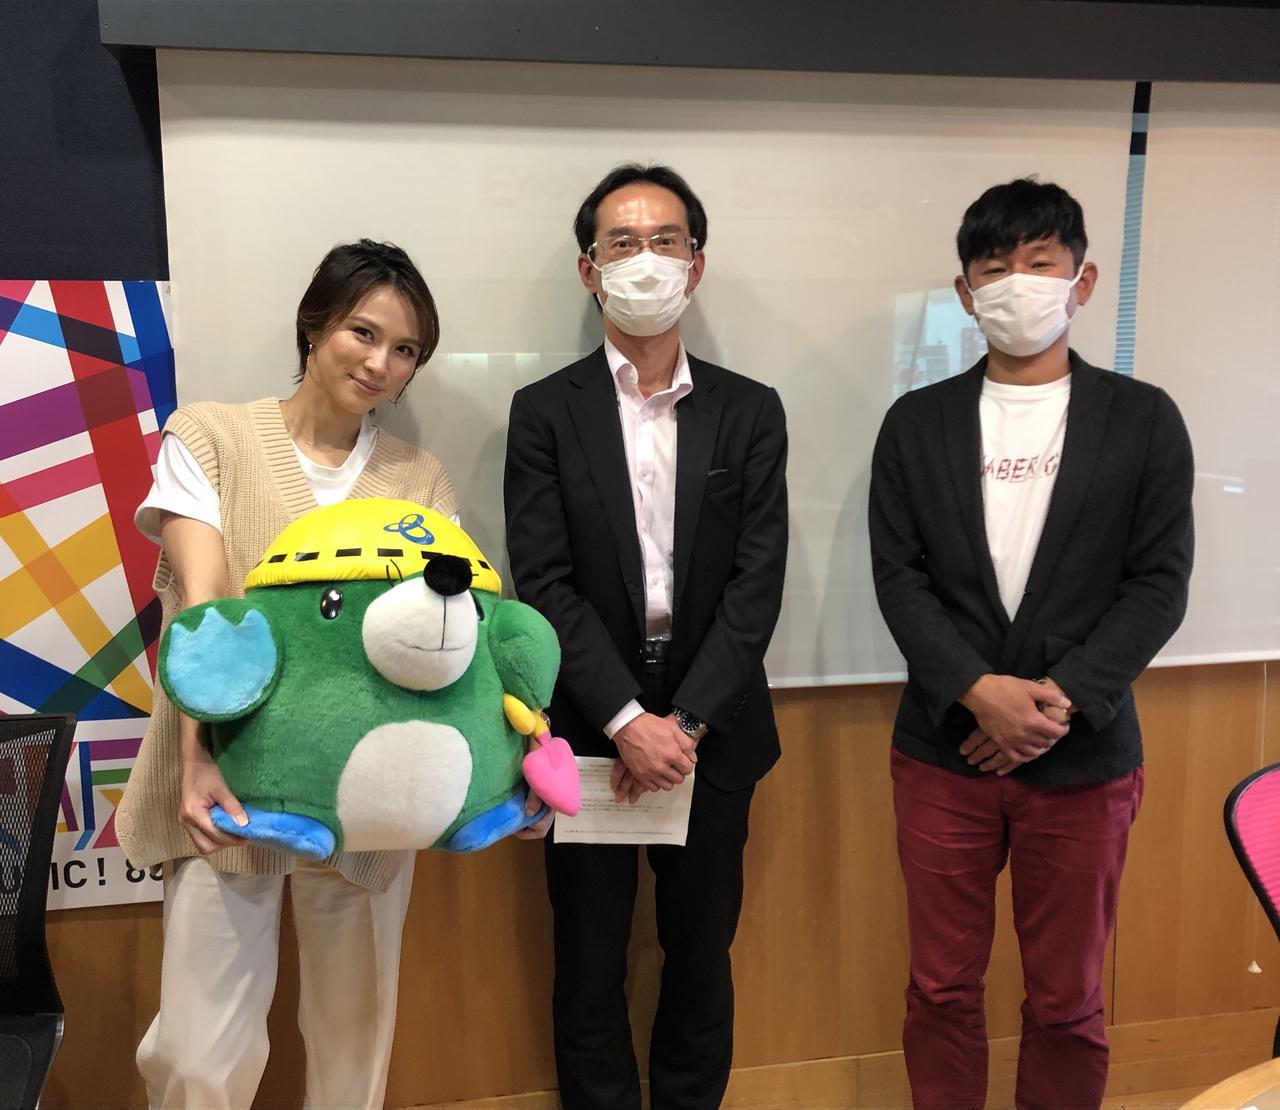 画像1: 5月12日水曜日 阪神高速maruごとハイウェイ!